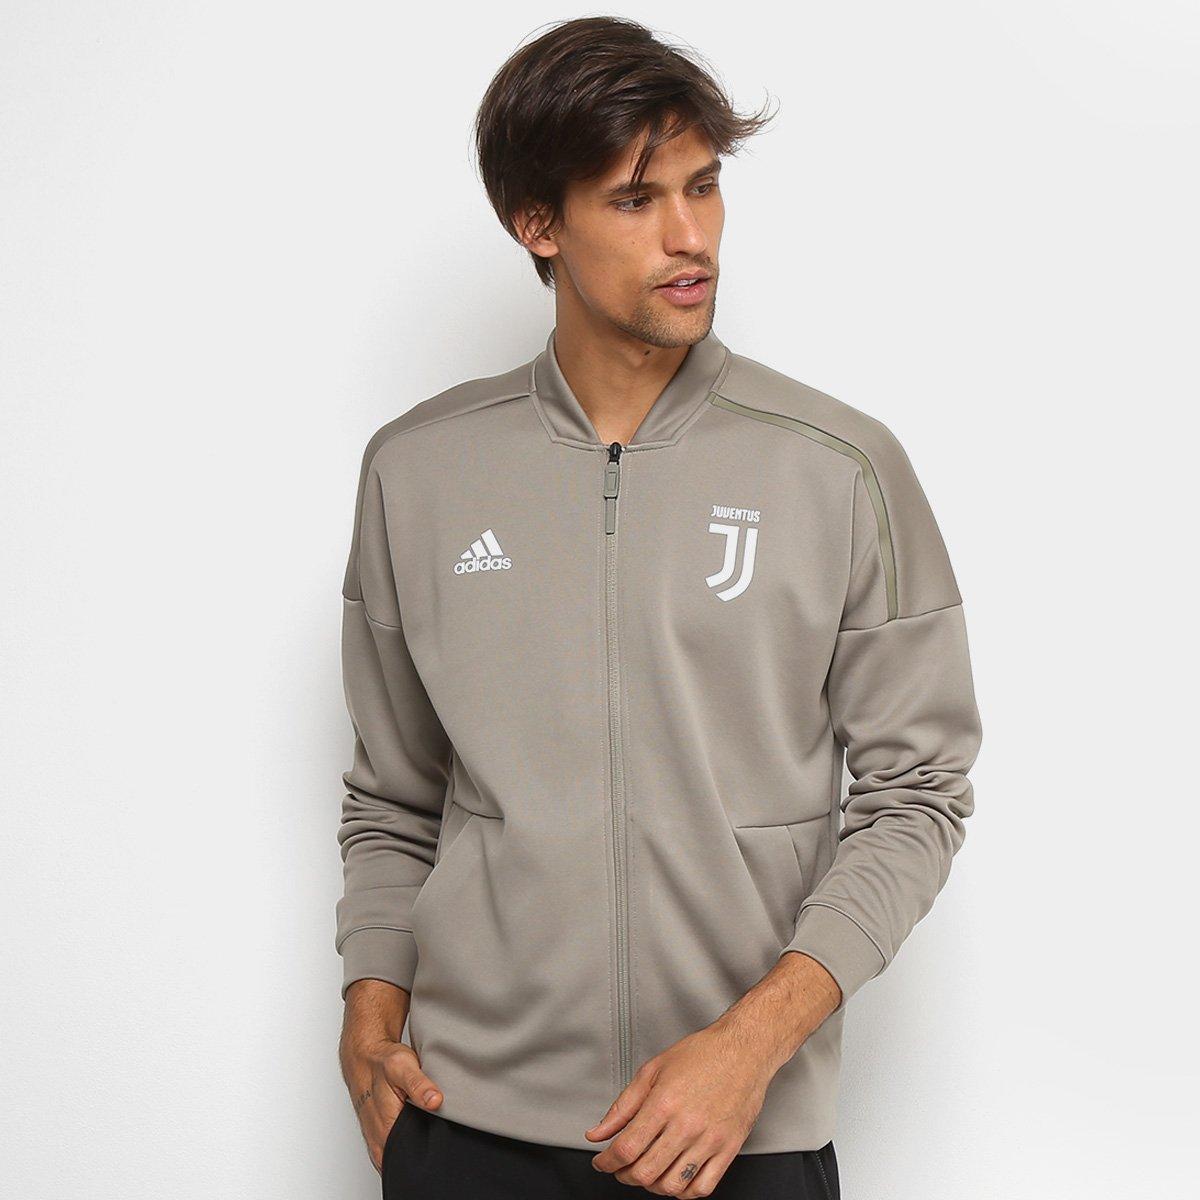 Jaqueta Juventus Adidas ZNE Masculina - Branco - Compre Agora ... 871b1da172dff